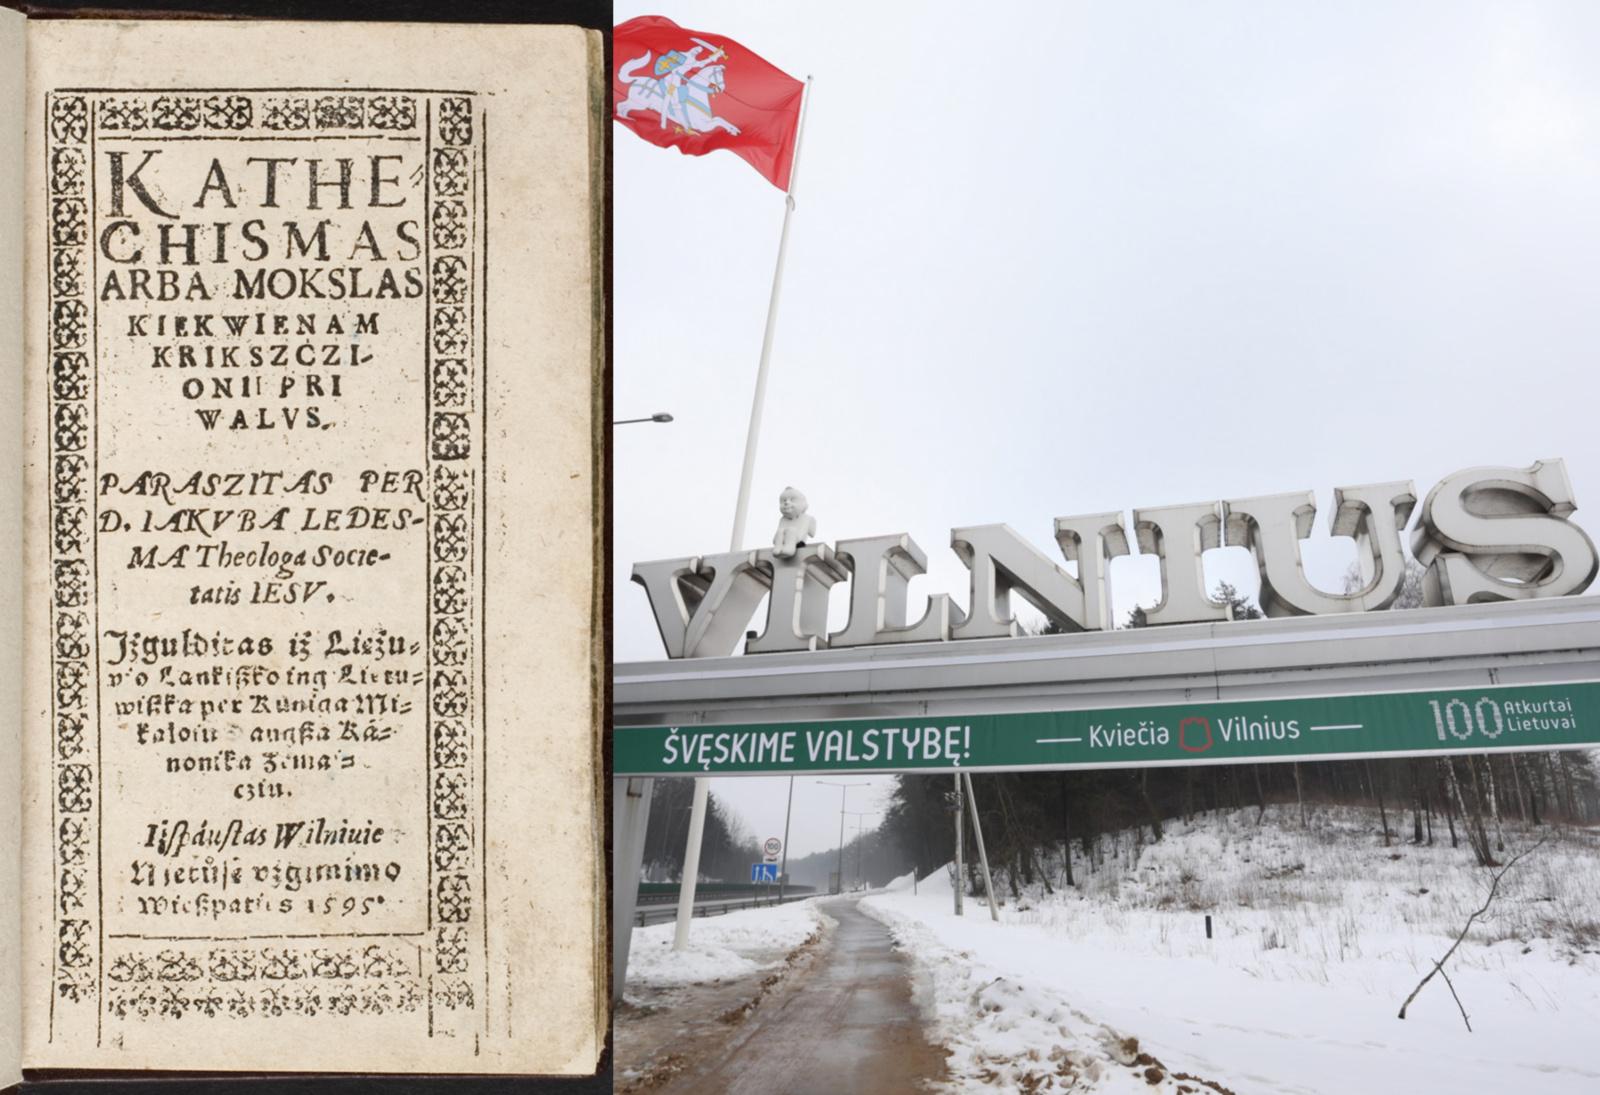 Vilniaus gimtadienio išvakarėse atidaromoje parodoje – pirmąkart lietuviškai užrašytas Vilniaus vardas